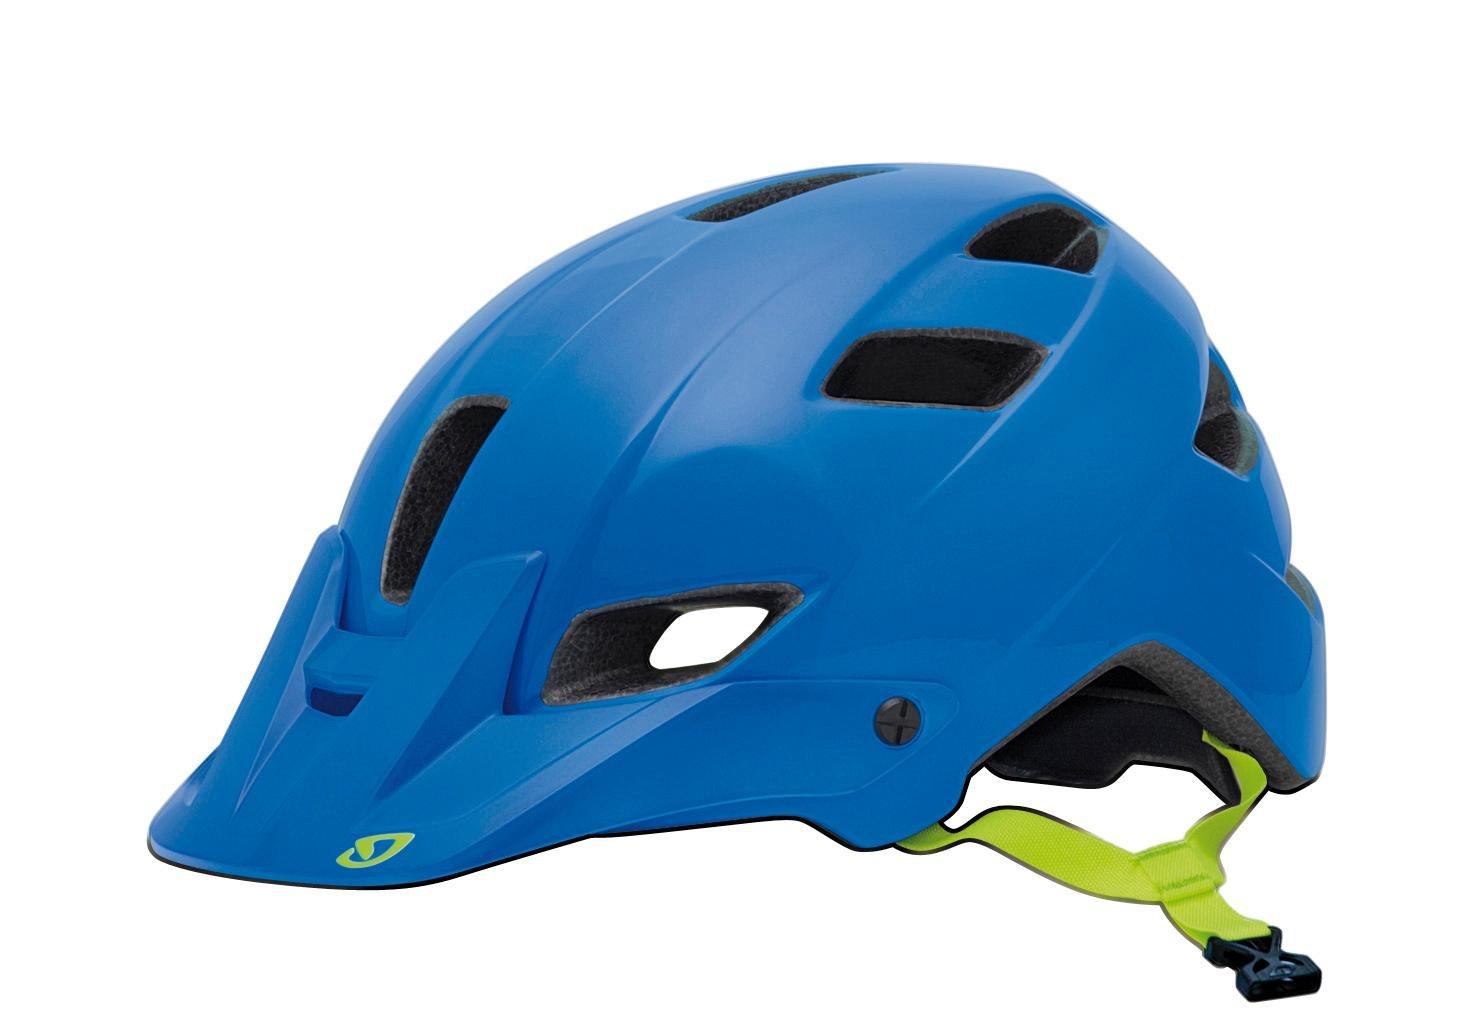 Giro Feature MTB   City Fahrrad Helm grün 2013